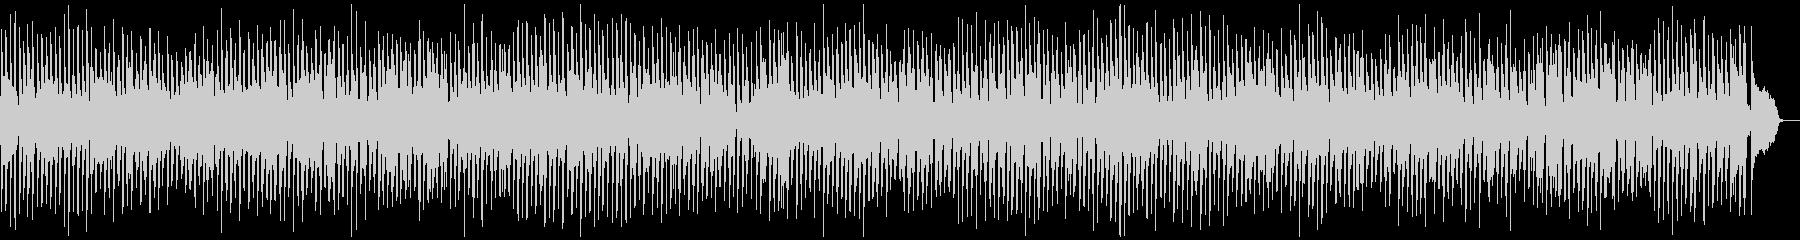 ビッグバンド風ジャズBGMの未再生の波形